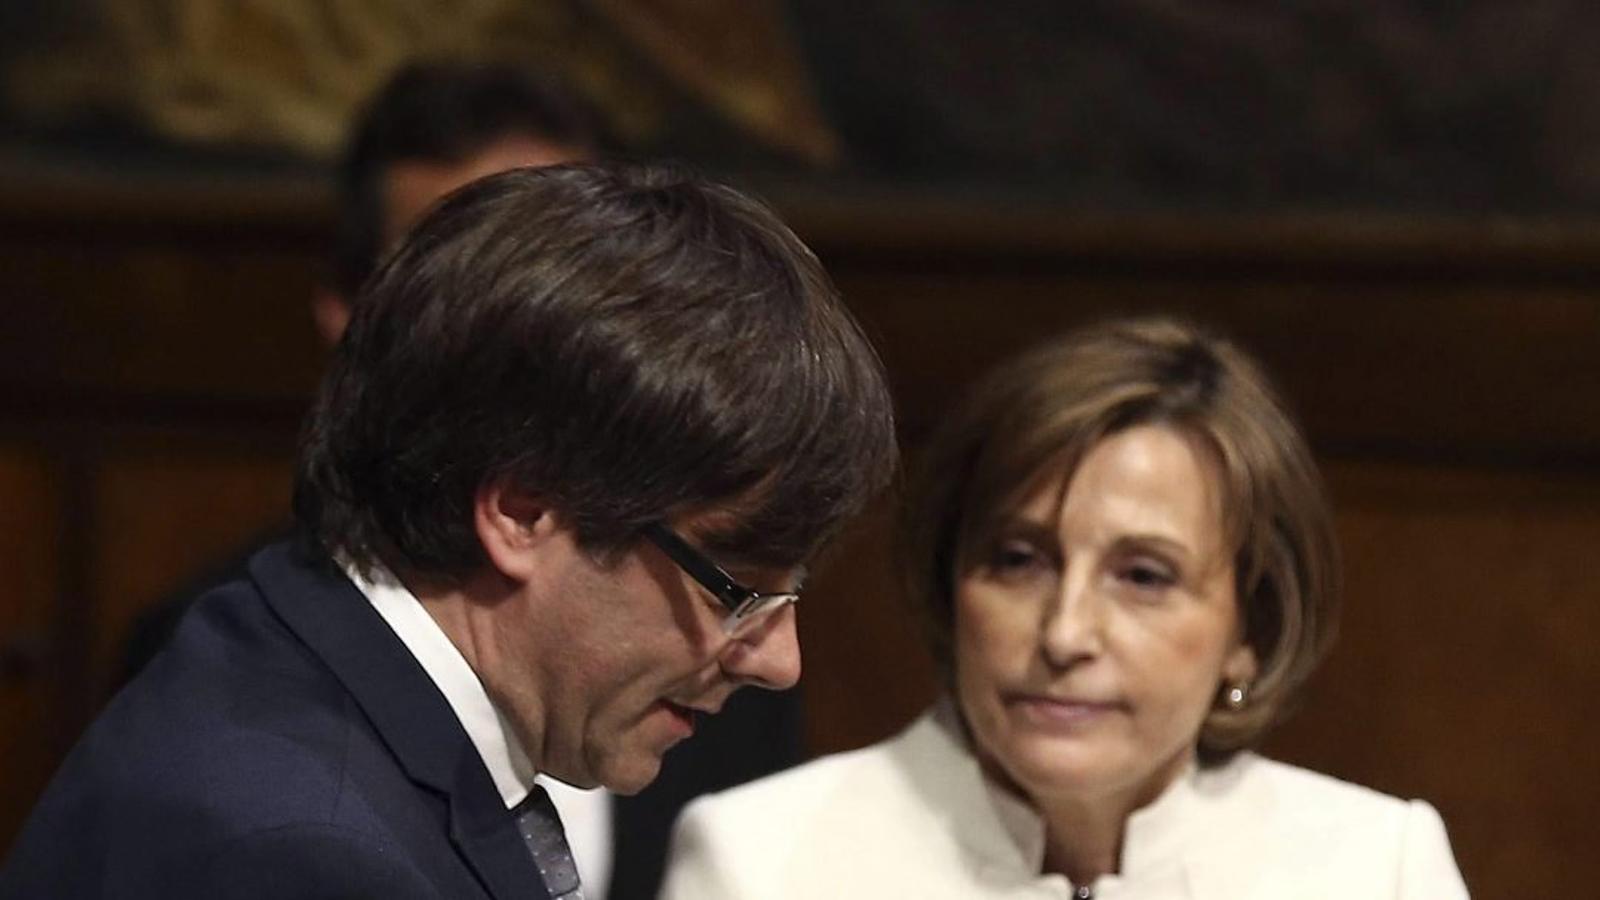 [GENCAT] Actes Oficials del Govern de Catalunya Del-Generalitat-Constitucio-Puigdemont-que_1504059645_209023_651x366